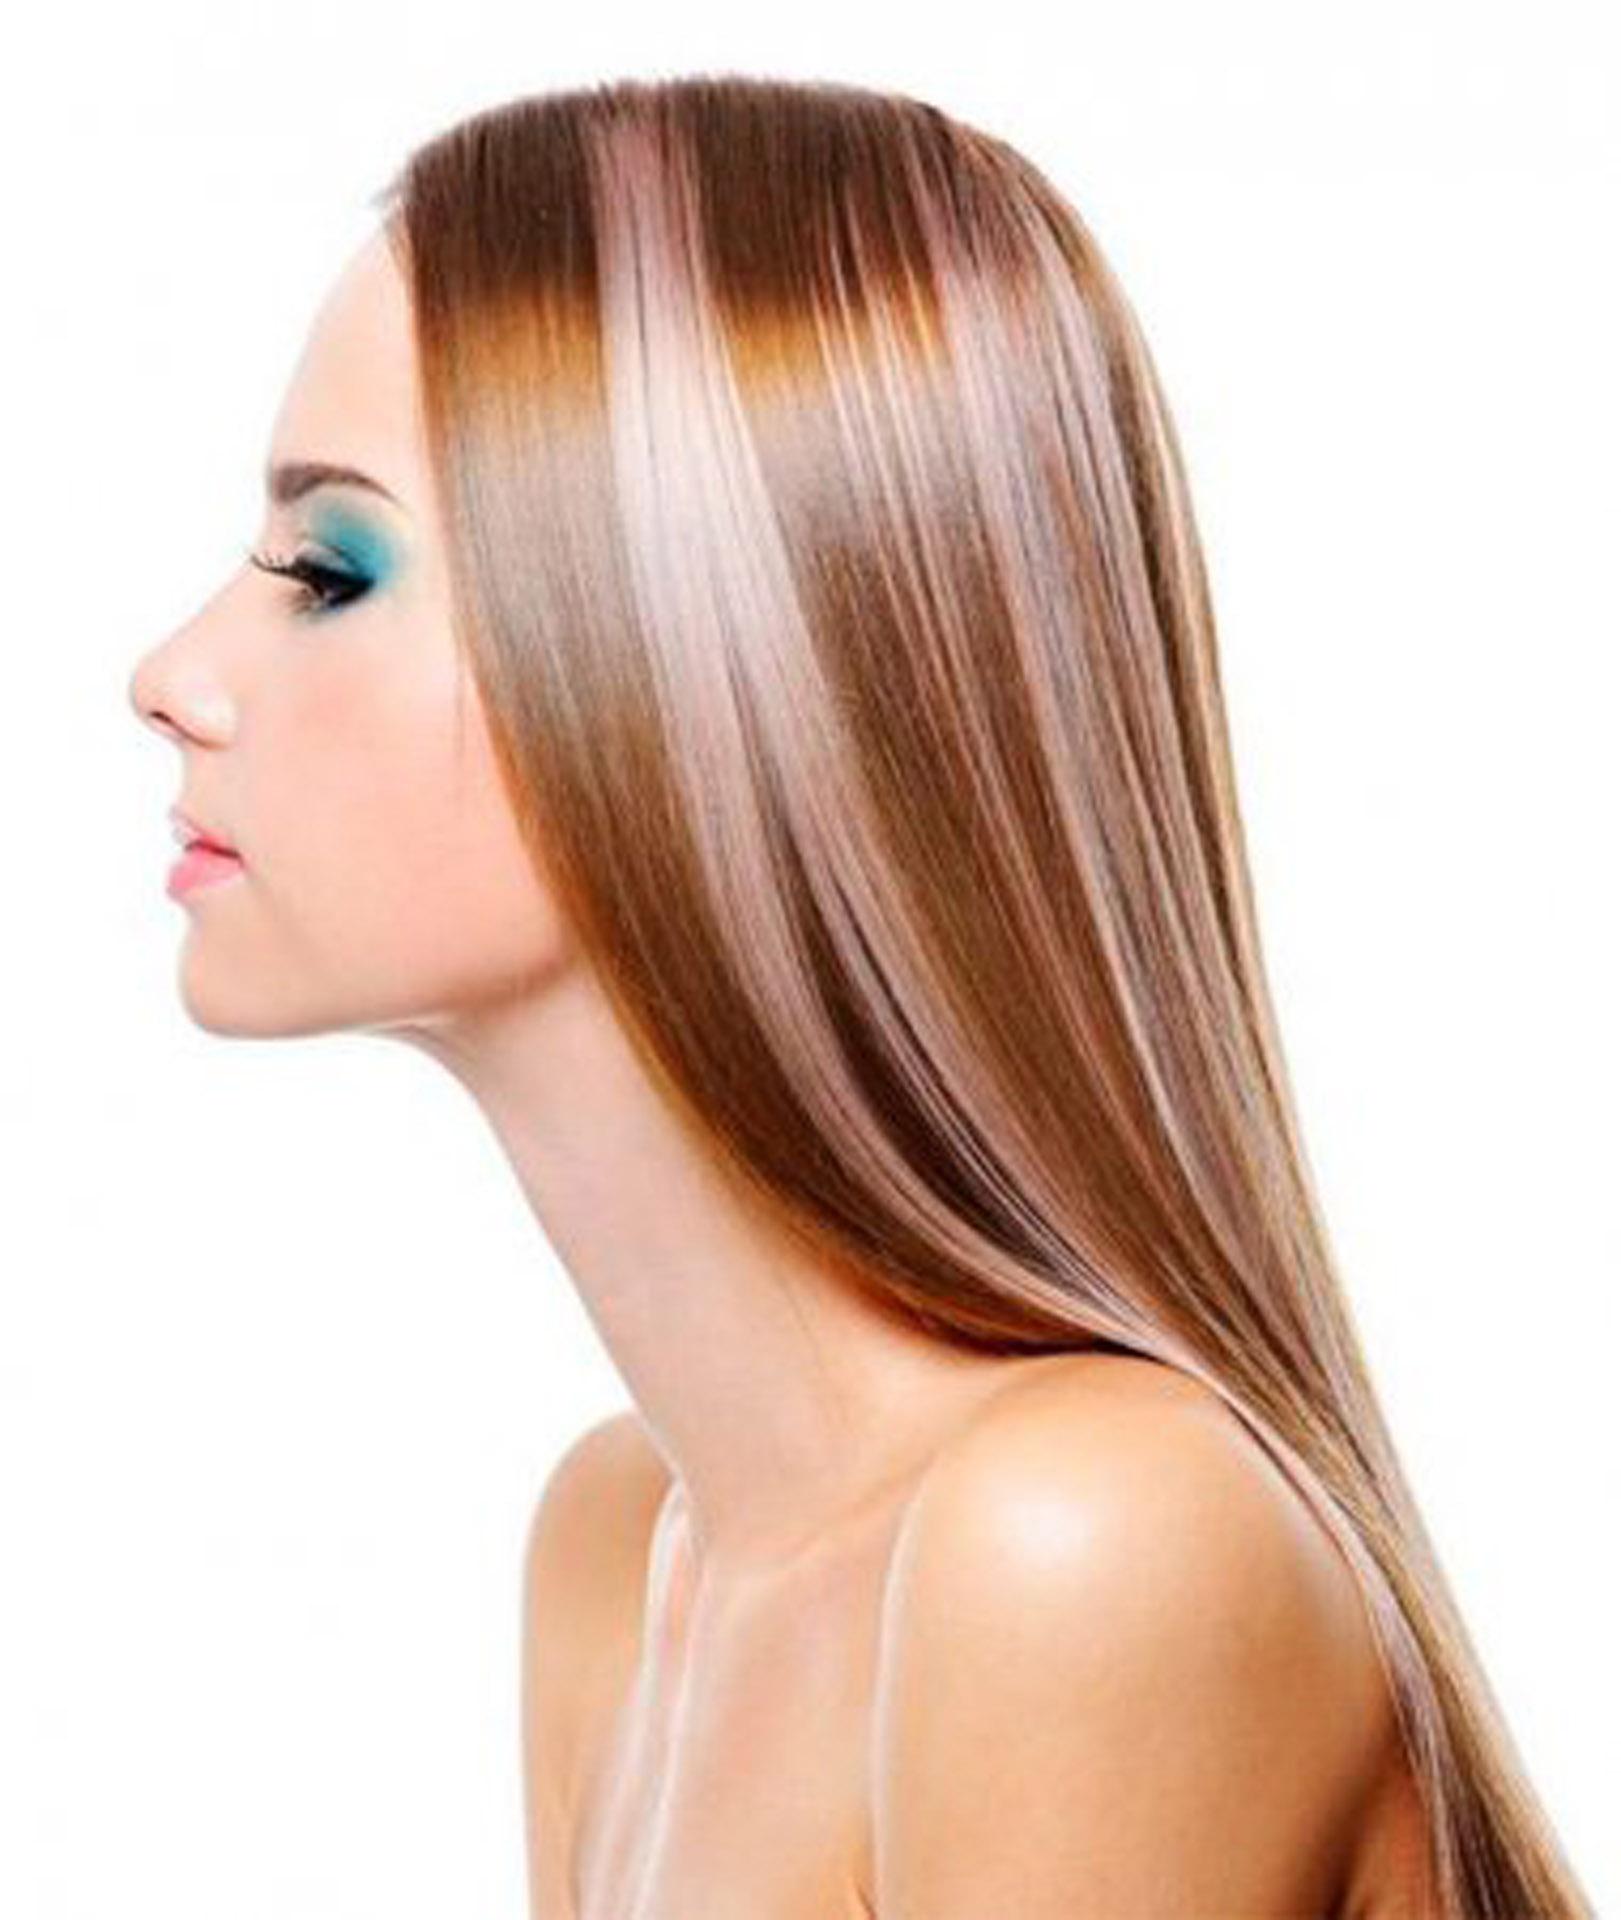 Как сделать колорирование на темные волосы фото